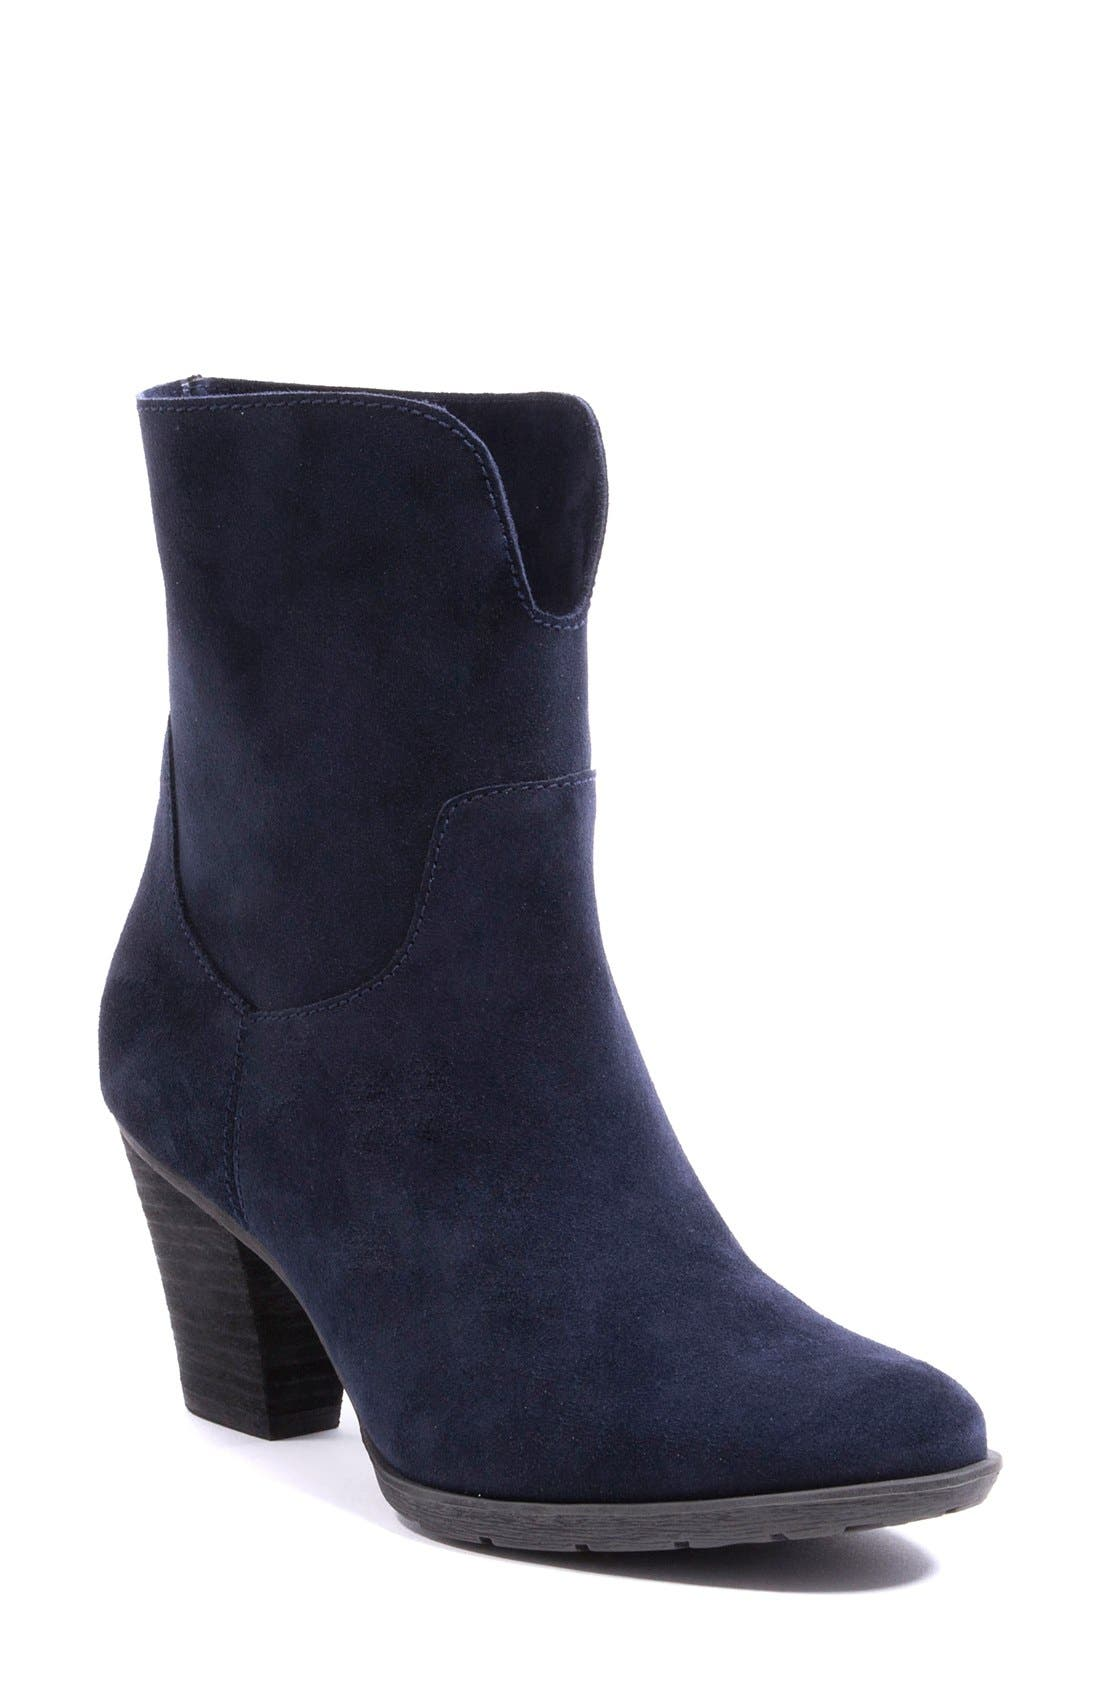 Blondo Fay Waterproof Ankle Boot (Women)